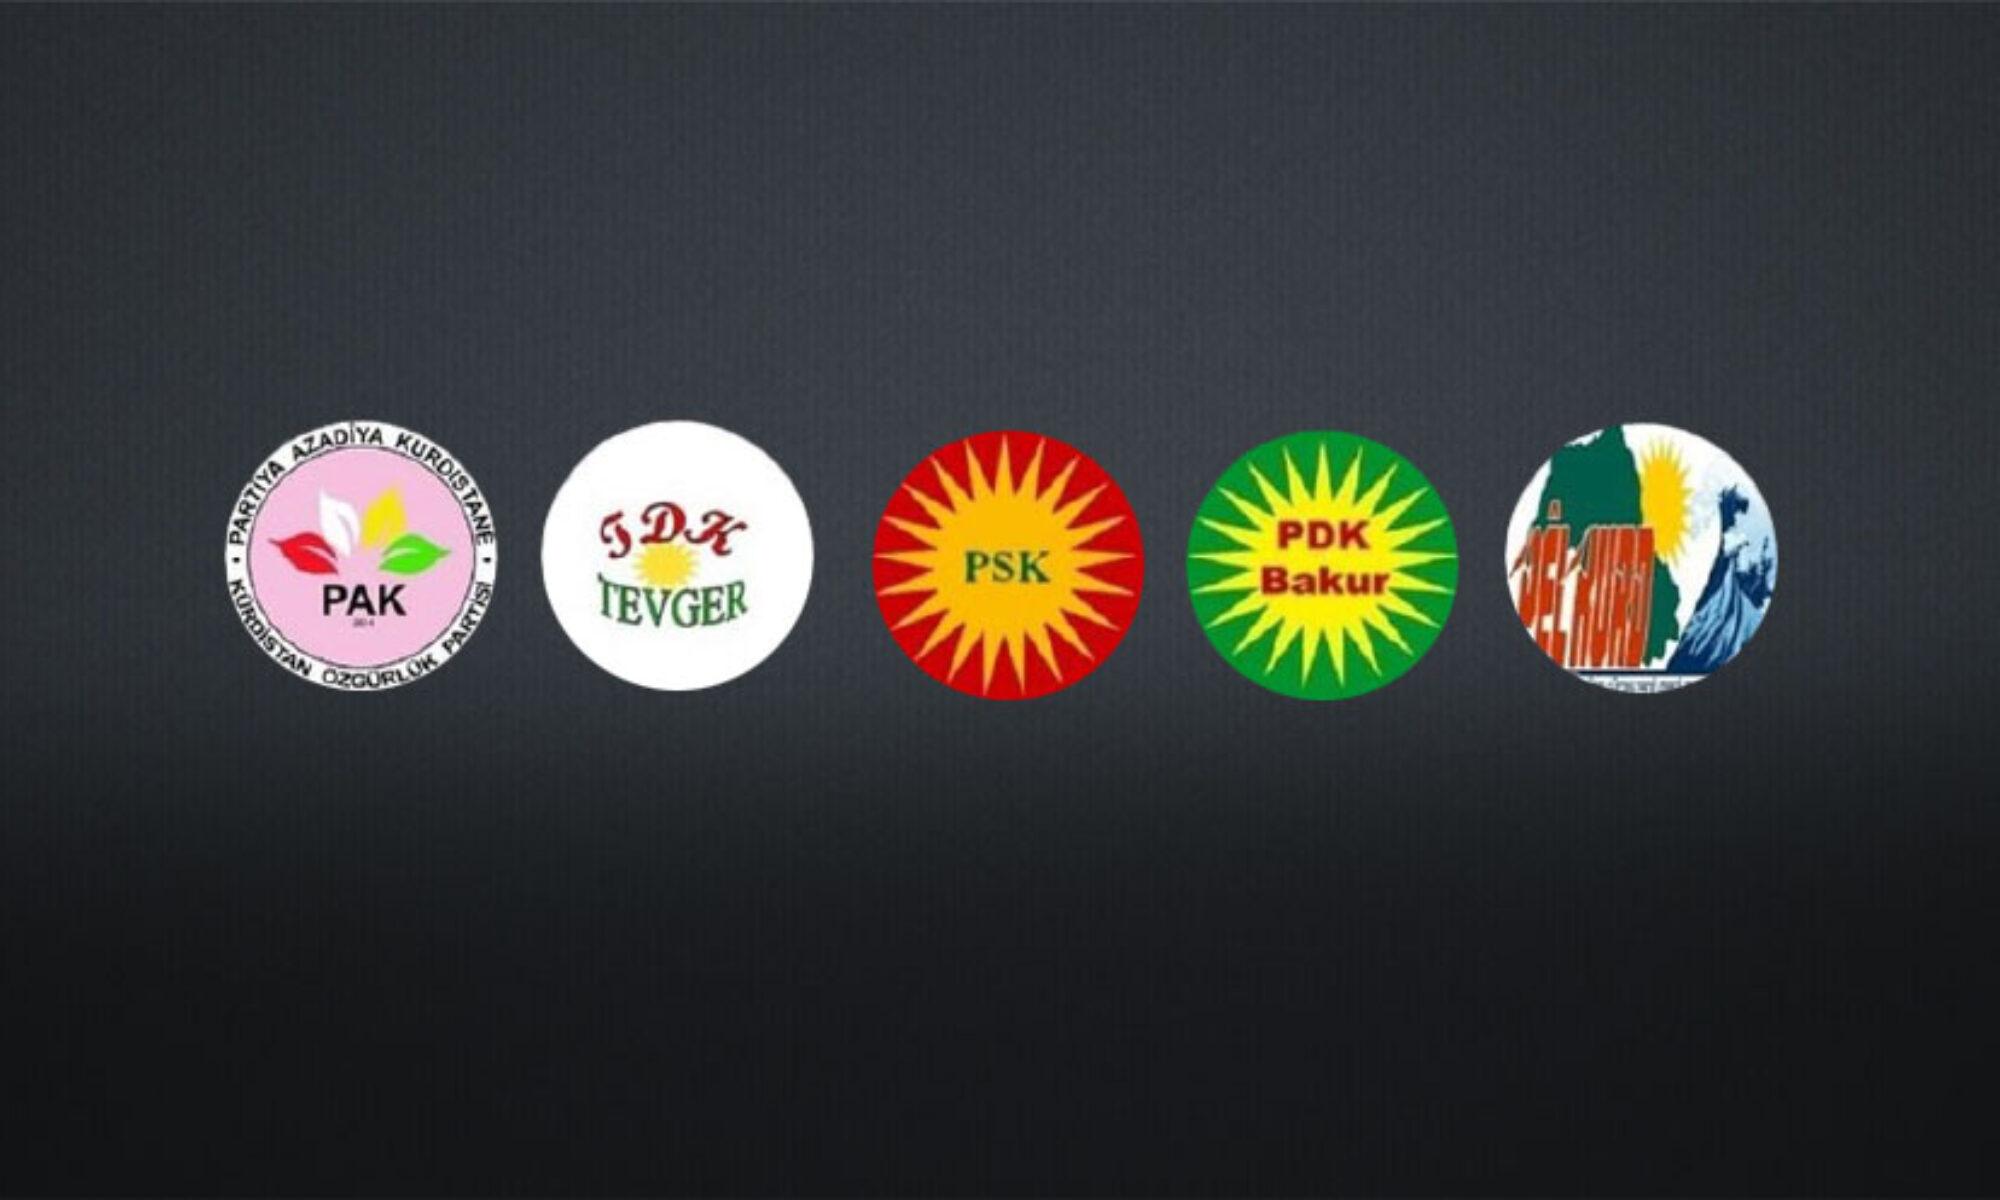 Kürdistani 5 parti: Kürt milleti bugüne kadar Lozan Antlaşması'nı kabul etmedi, bugün kabul etmiyor, gelecekte de kabul etmeyecektir PAK, Pelkurd, PSK, PDK Bakur, Tevger